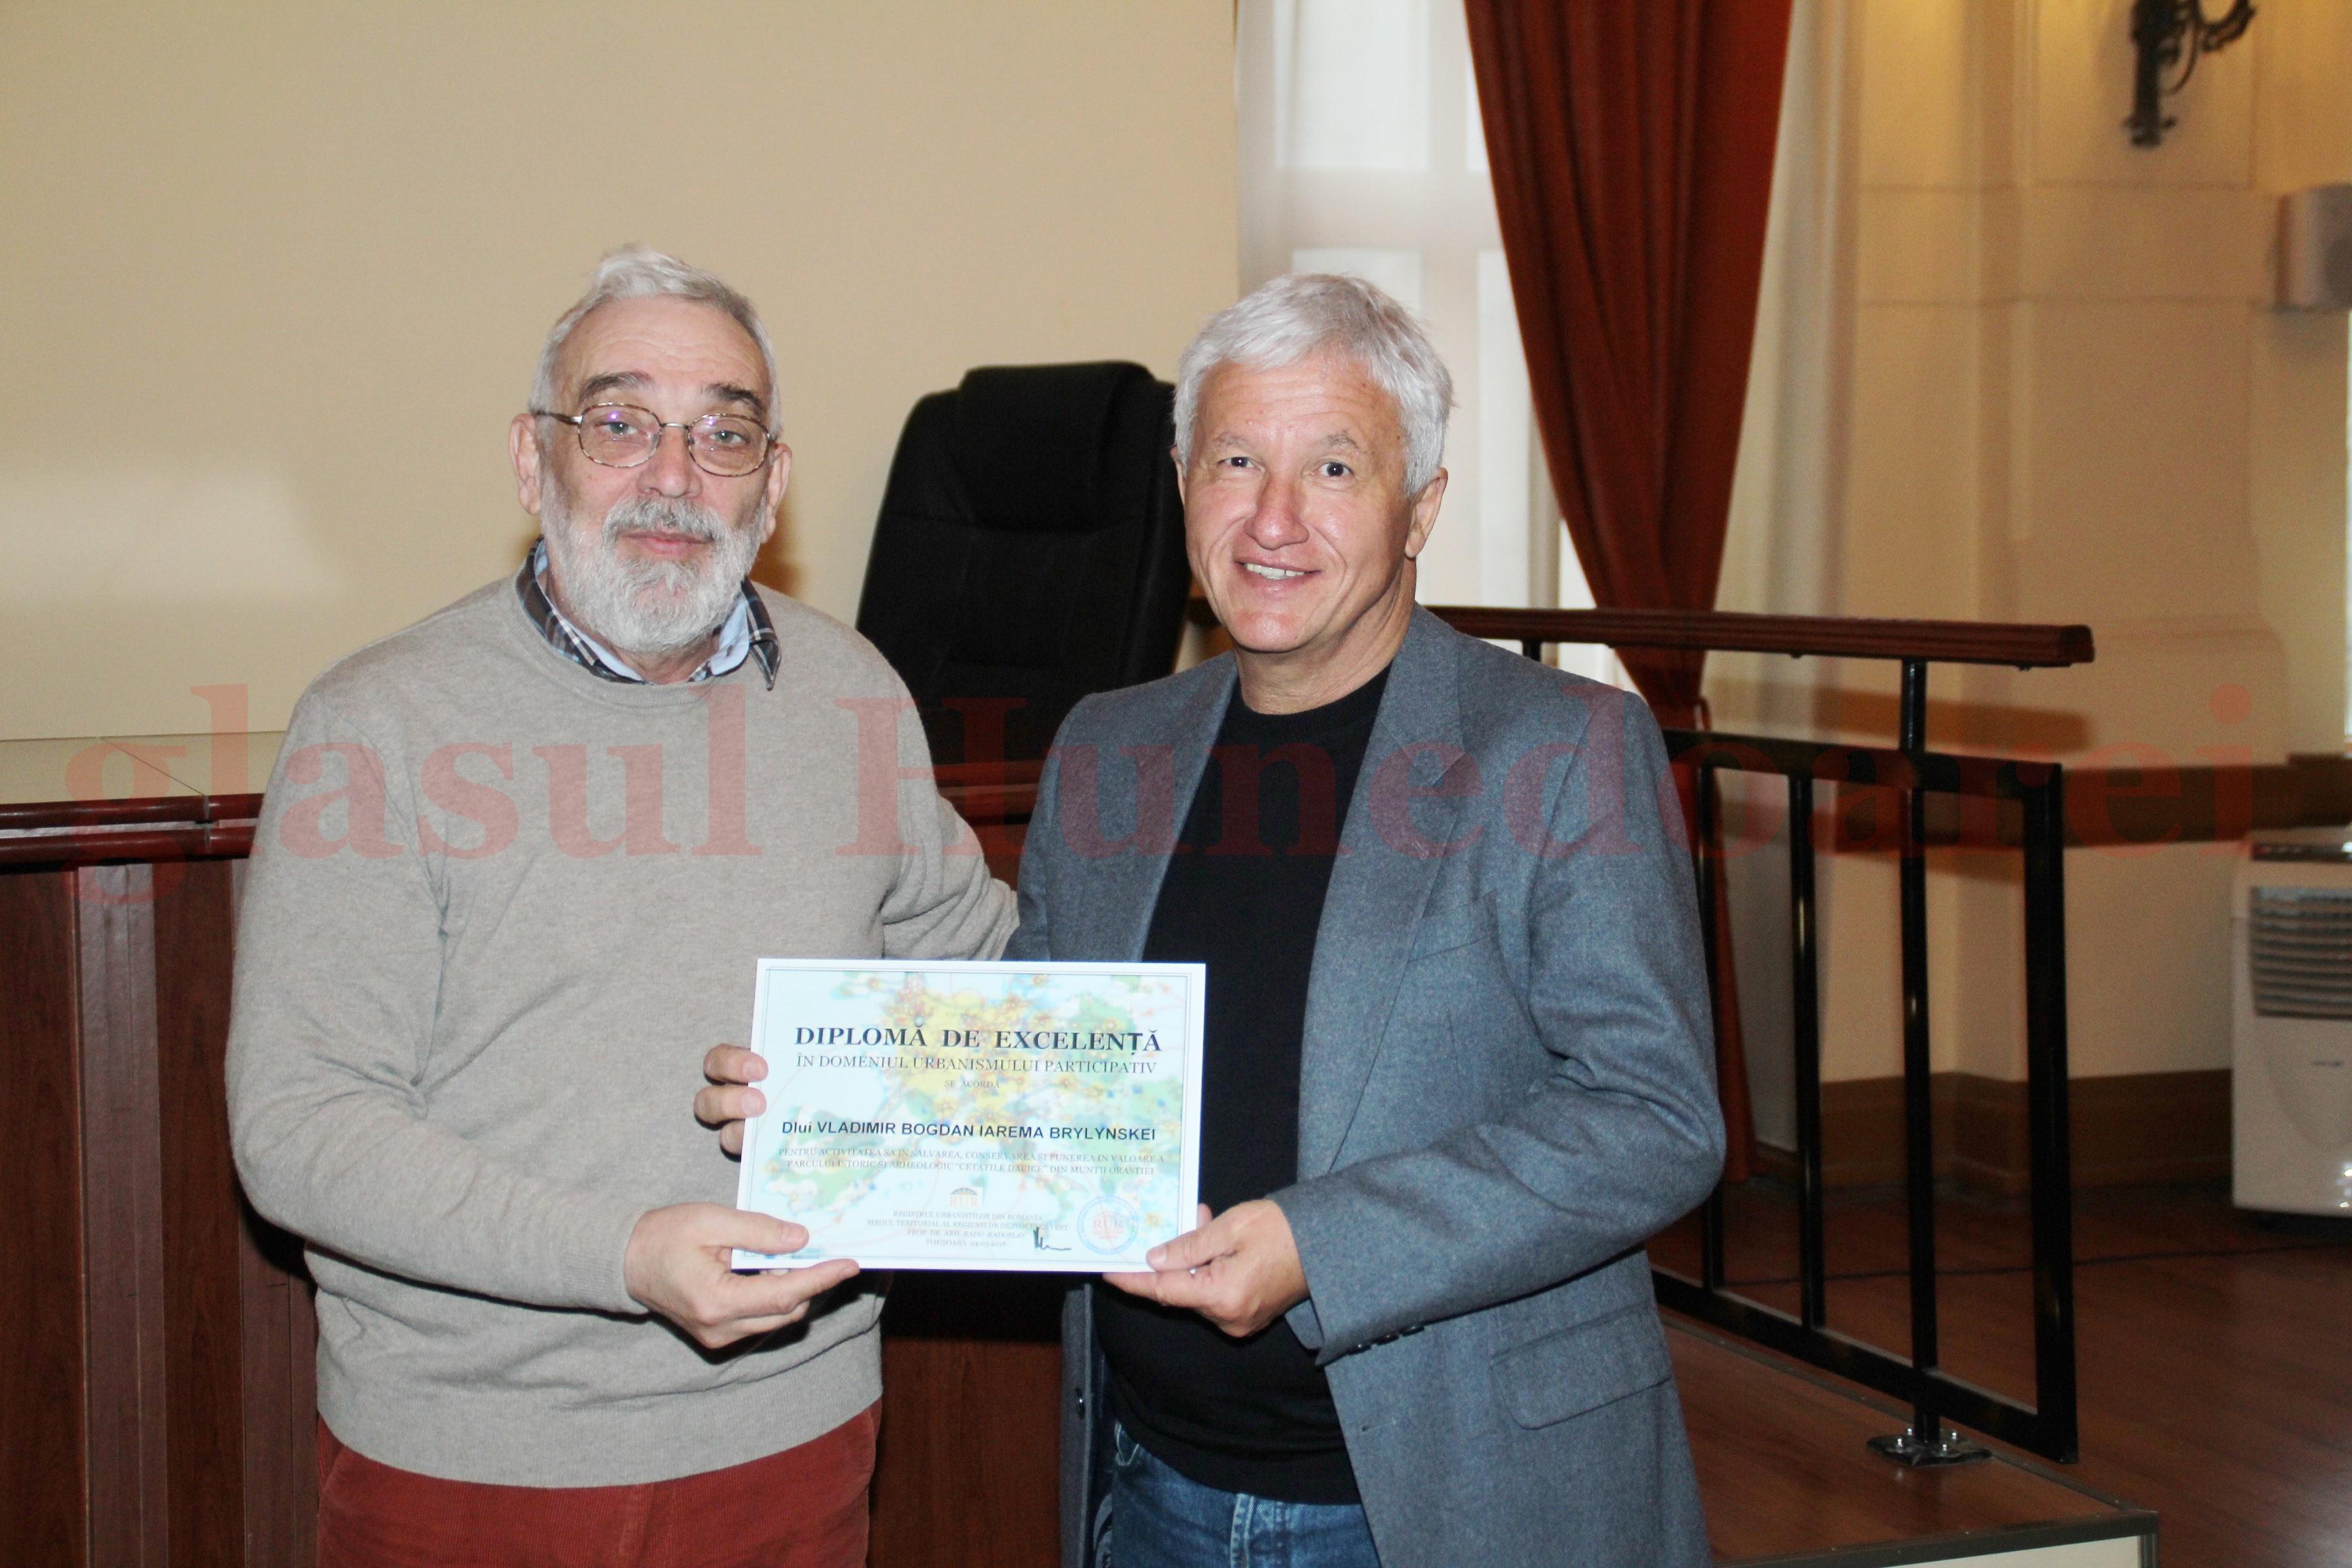 Photo of Diplomă de Excelență pentru Nunu Brilinsky, apărătorul Cetăților Dacice